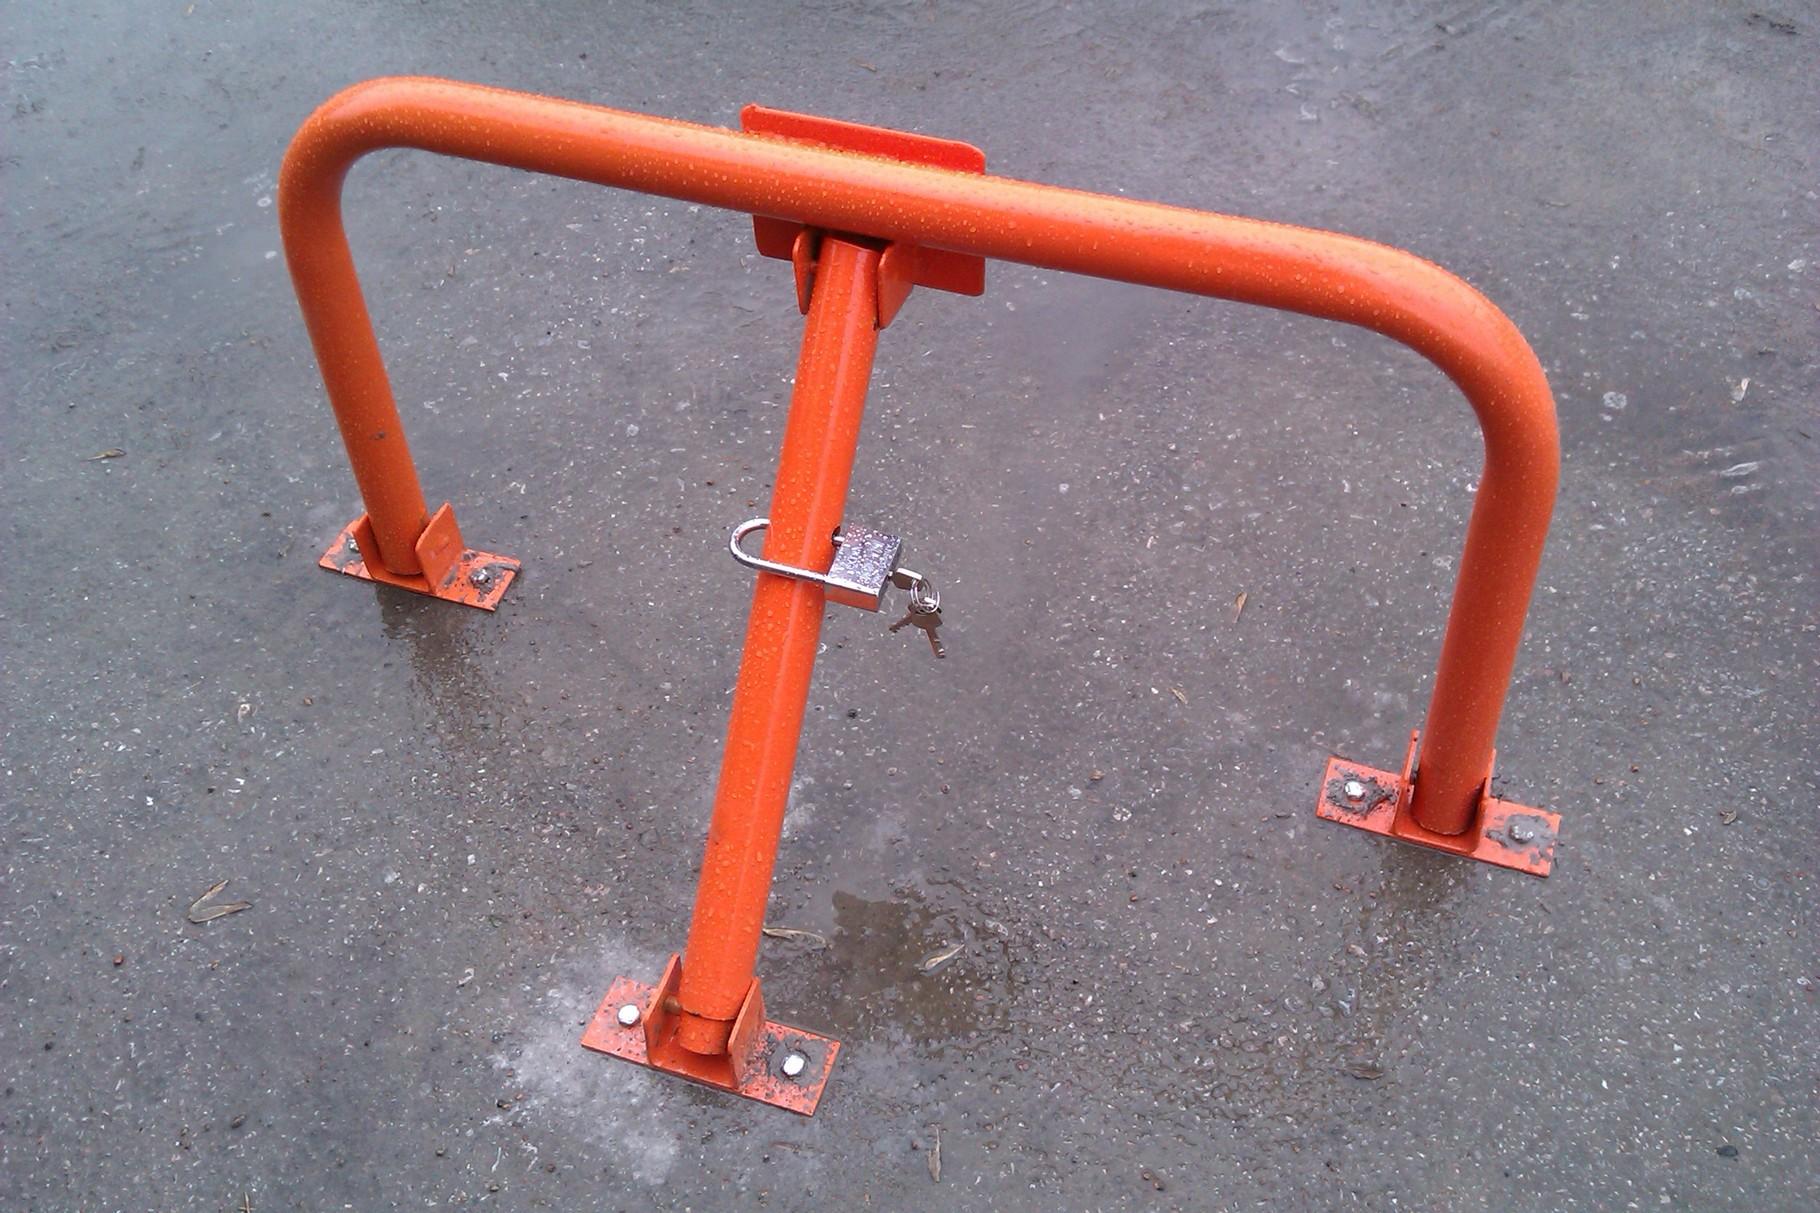 парковочные барьеры законность установки